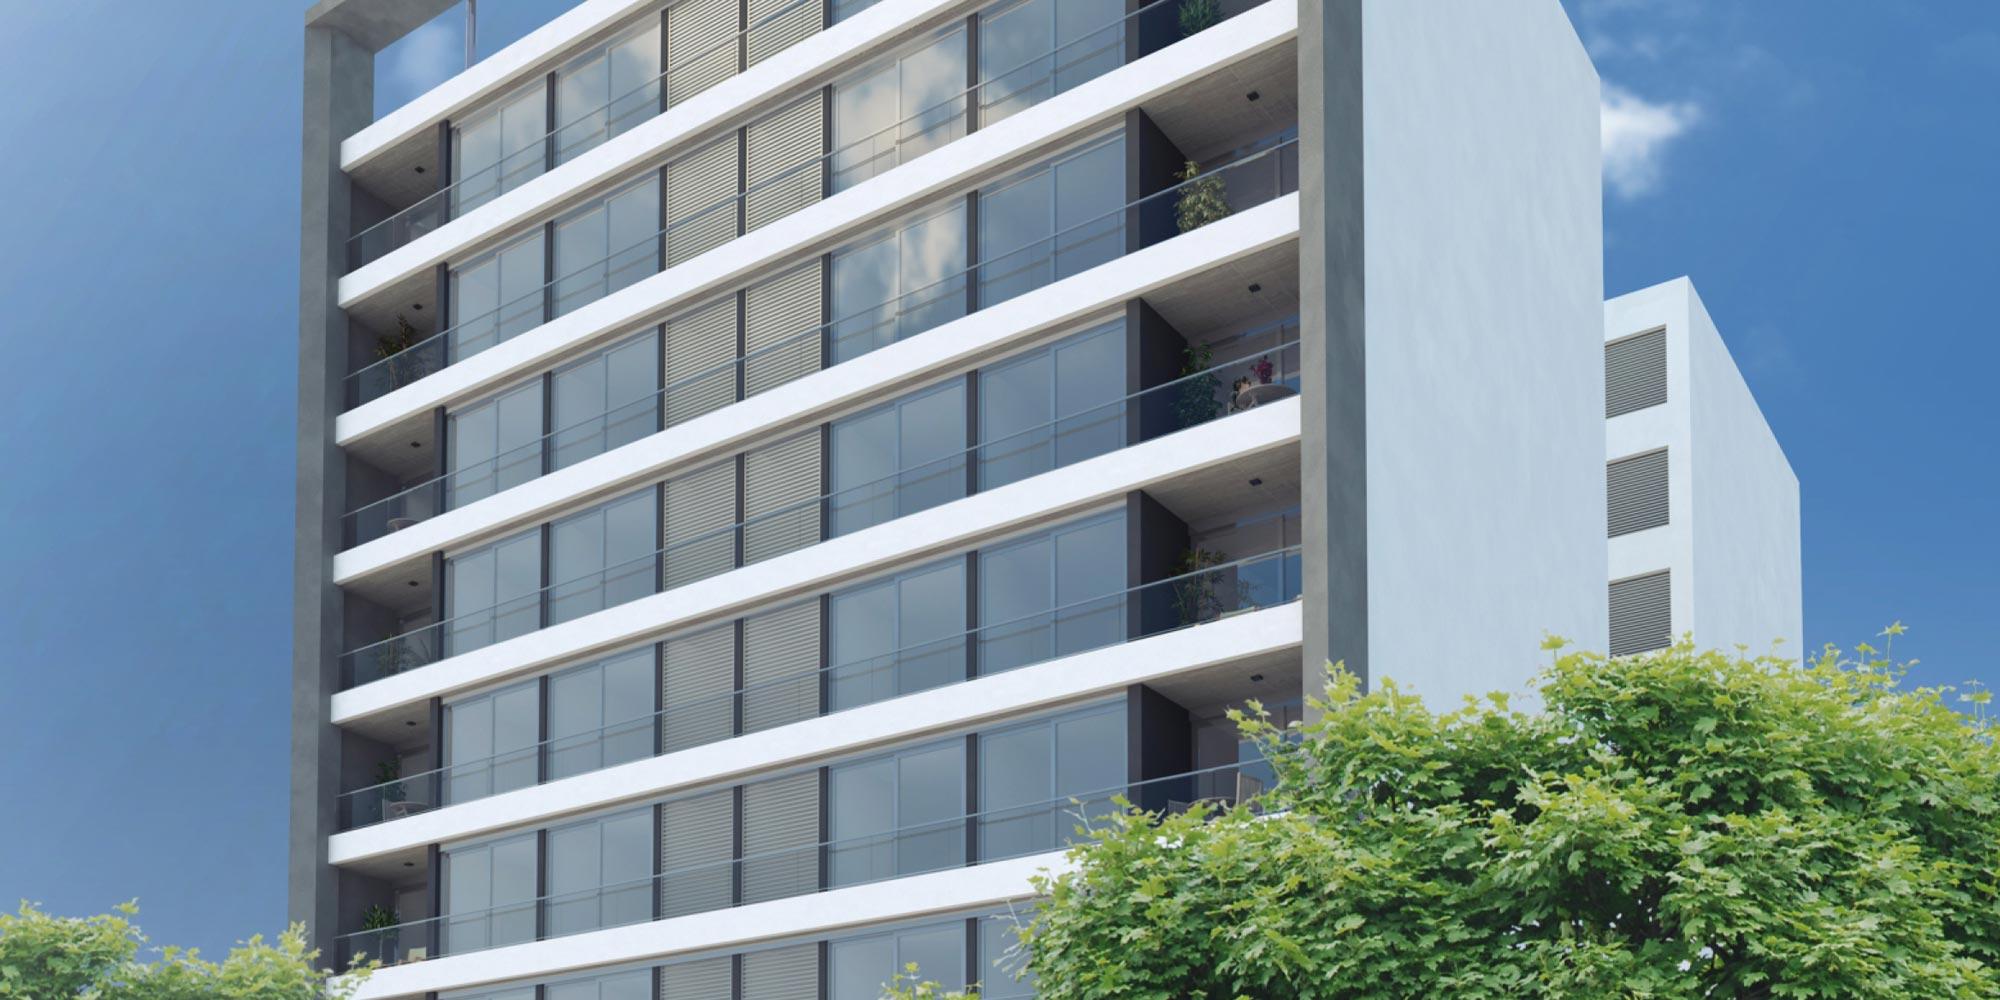 Lift Nuevocentro - 2 Dormitorios y gge - Prox Shopping Nuevocentro